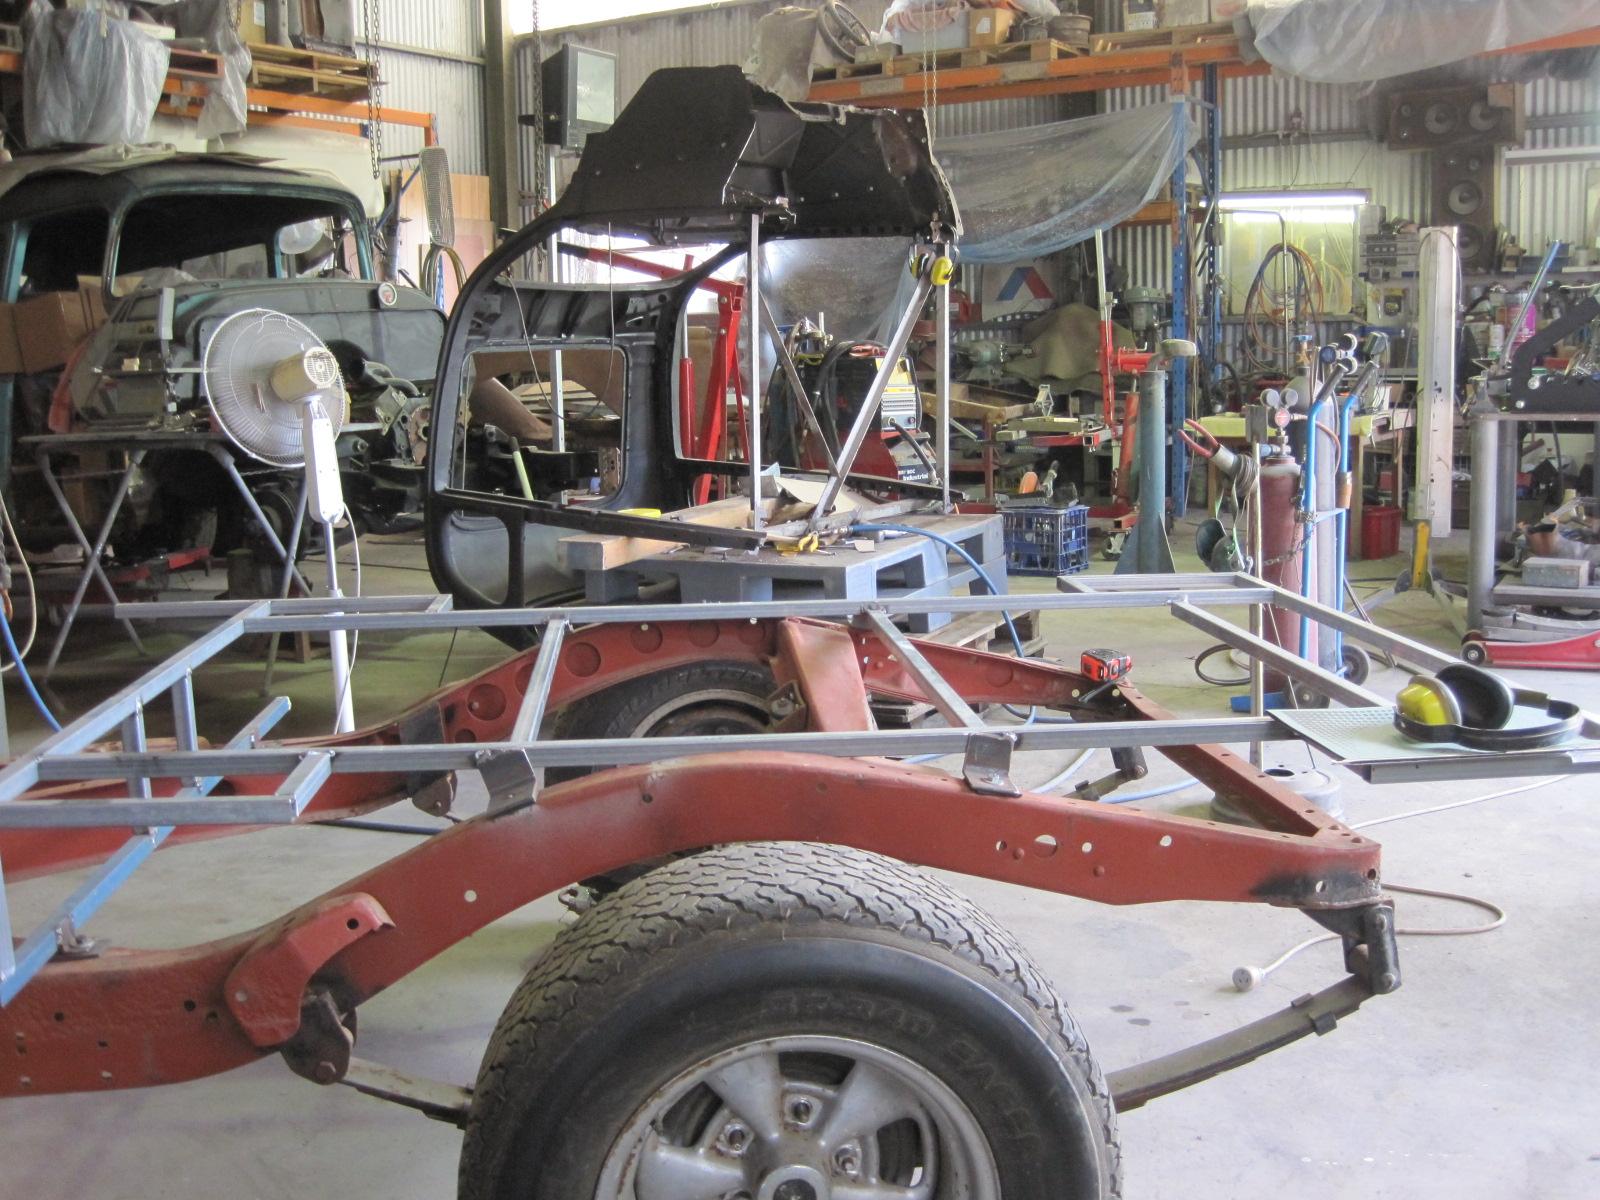 Sheetmetal Whisperer 2012 Body Wiring Diagram For 1942 47 Chevrolet Passenger Cars Two And Four Door Sedans Workshop Progress Updates 2